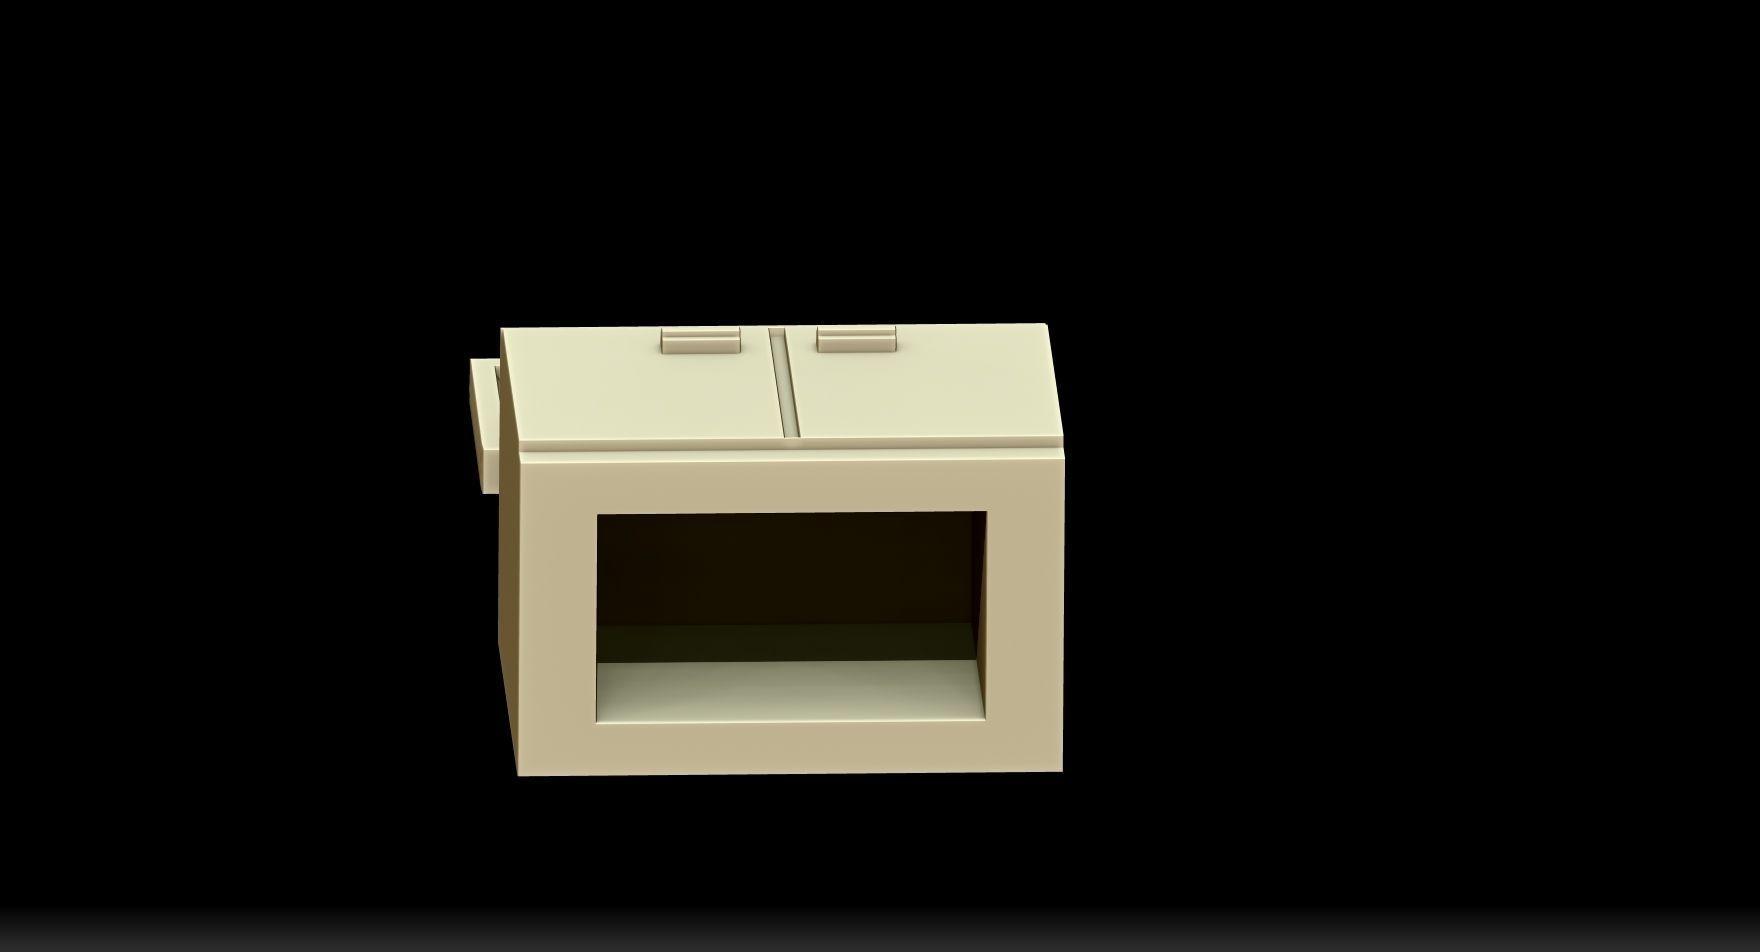 meuble tv 3D Model 3D printable STL  CGTradercom -> Model Meuble